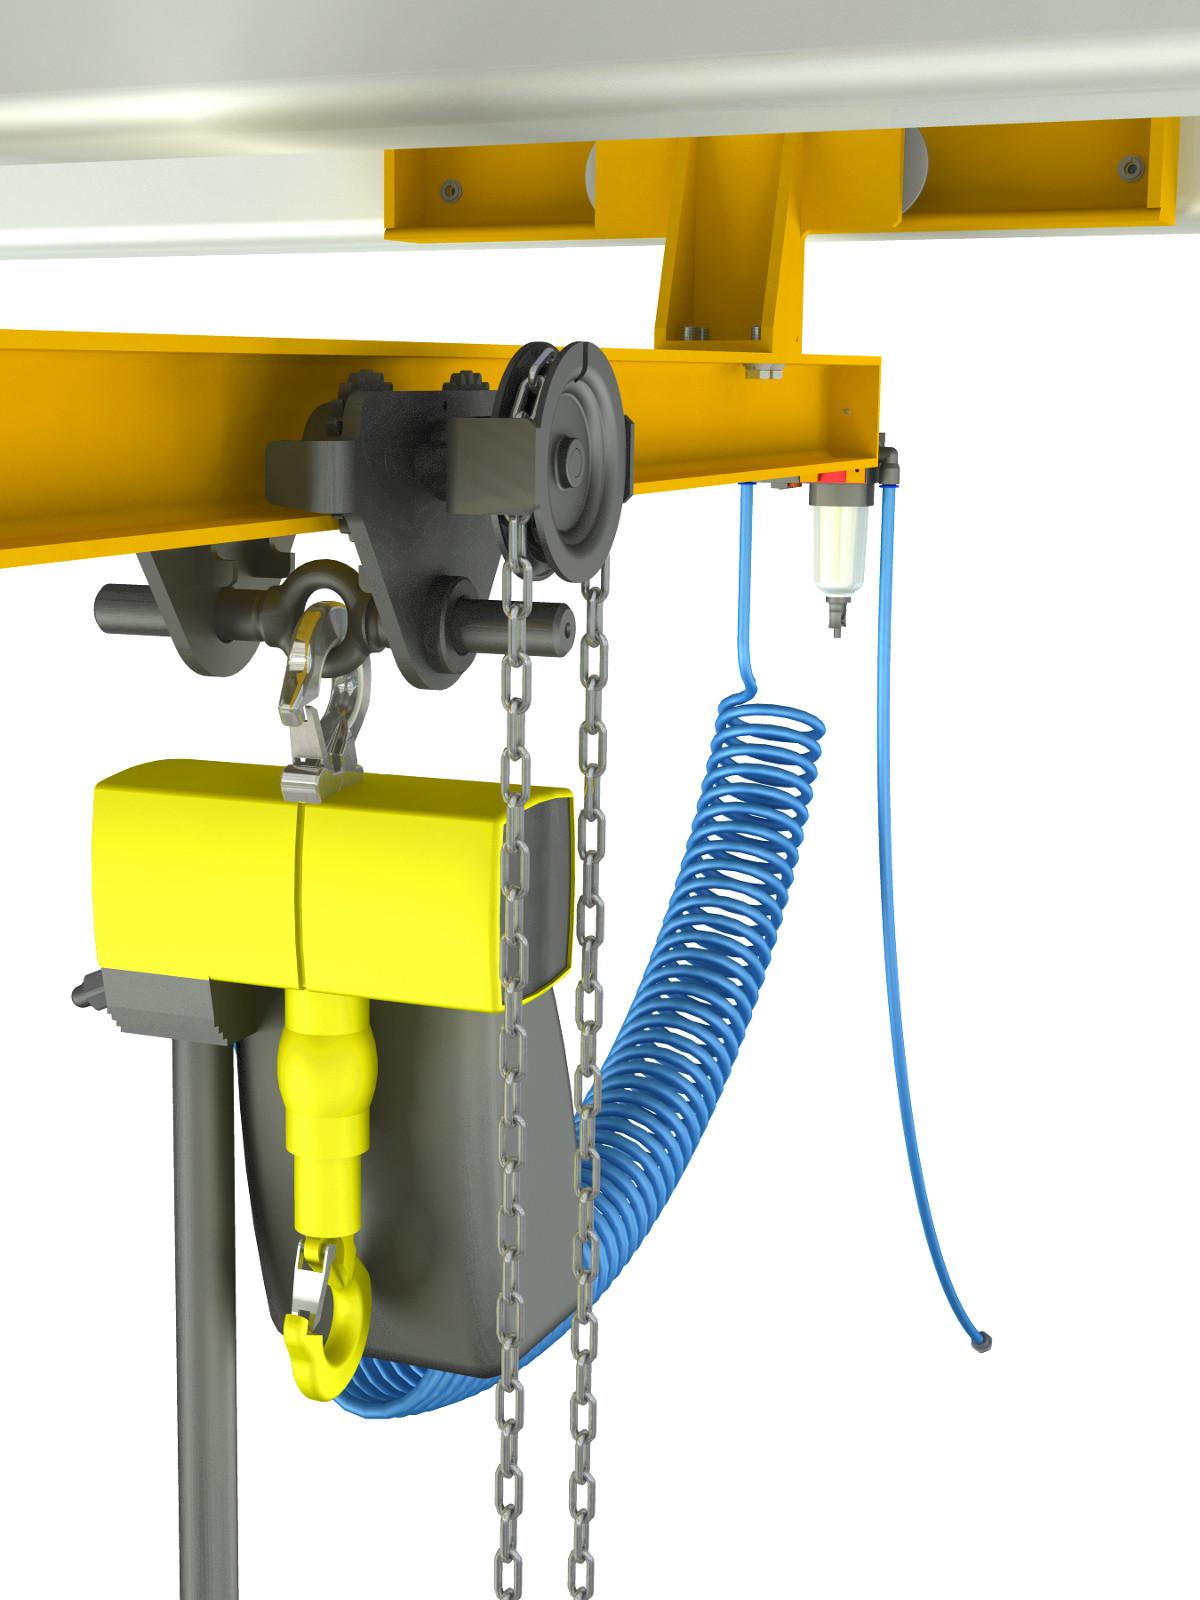 Overhead Crane Assembly : Bridge crane cad project download d inventor models